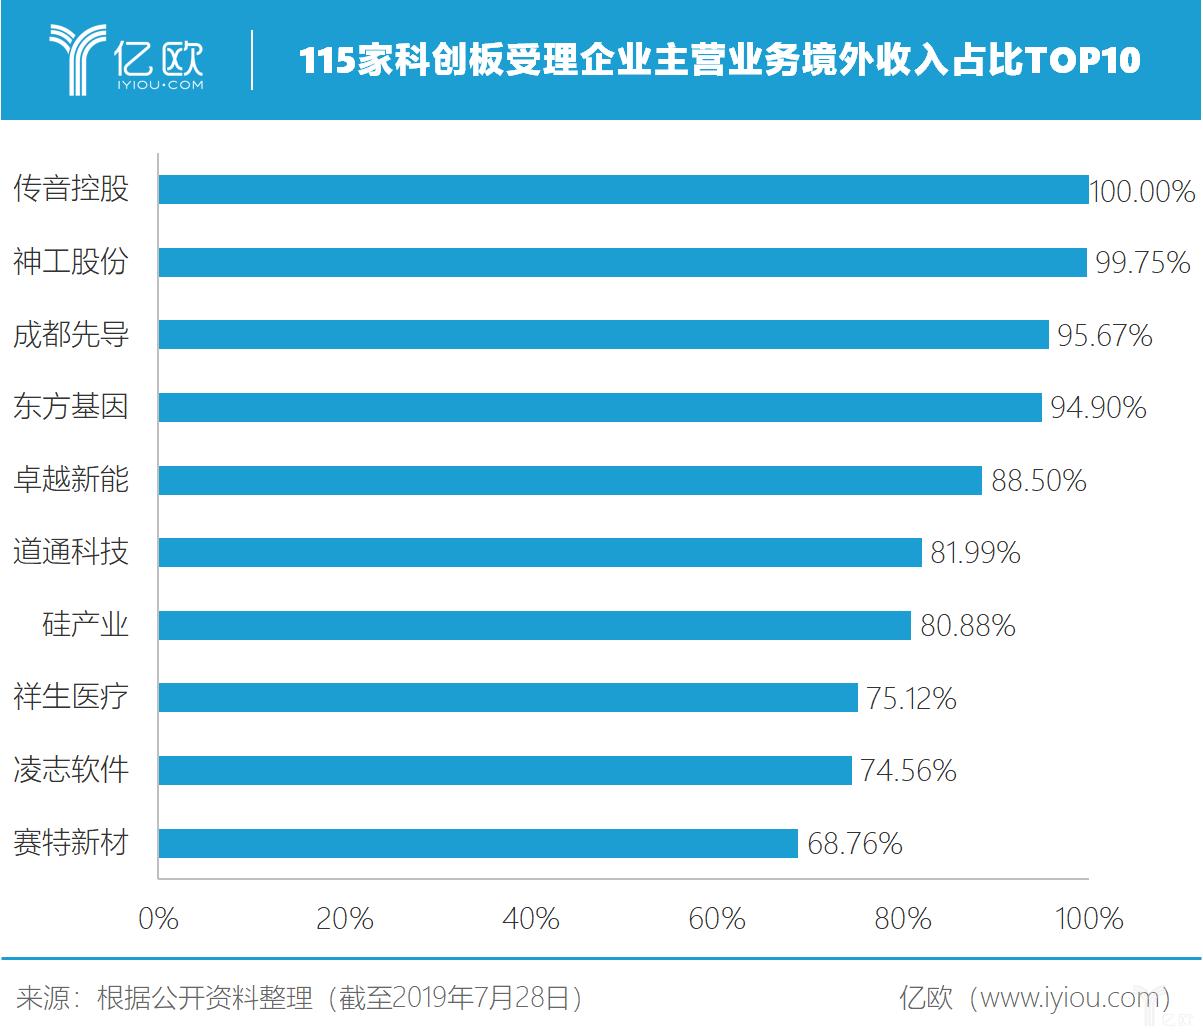 亿欧智库:115家科创板受理企业主营业务境外收入占比Top10